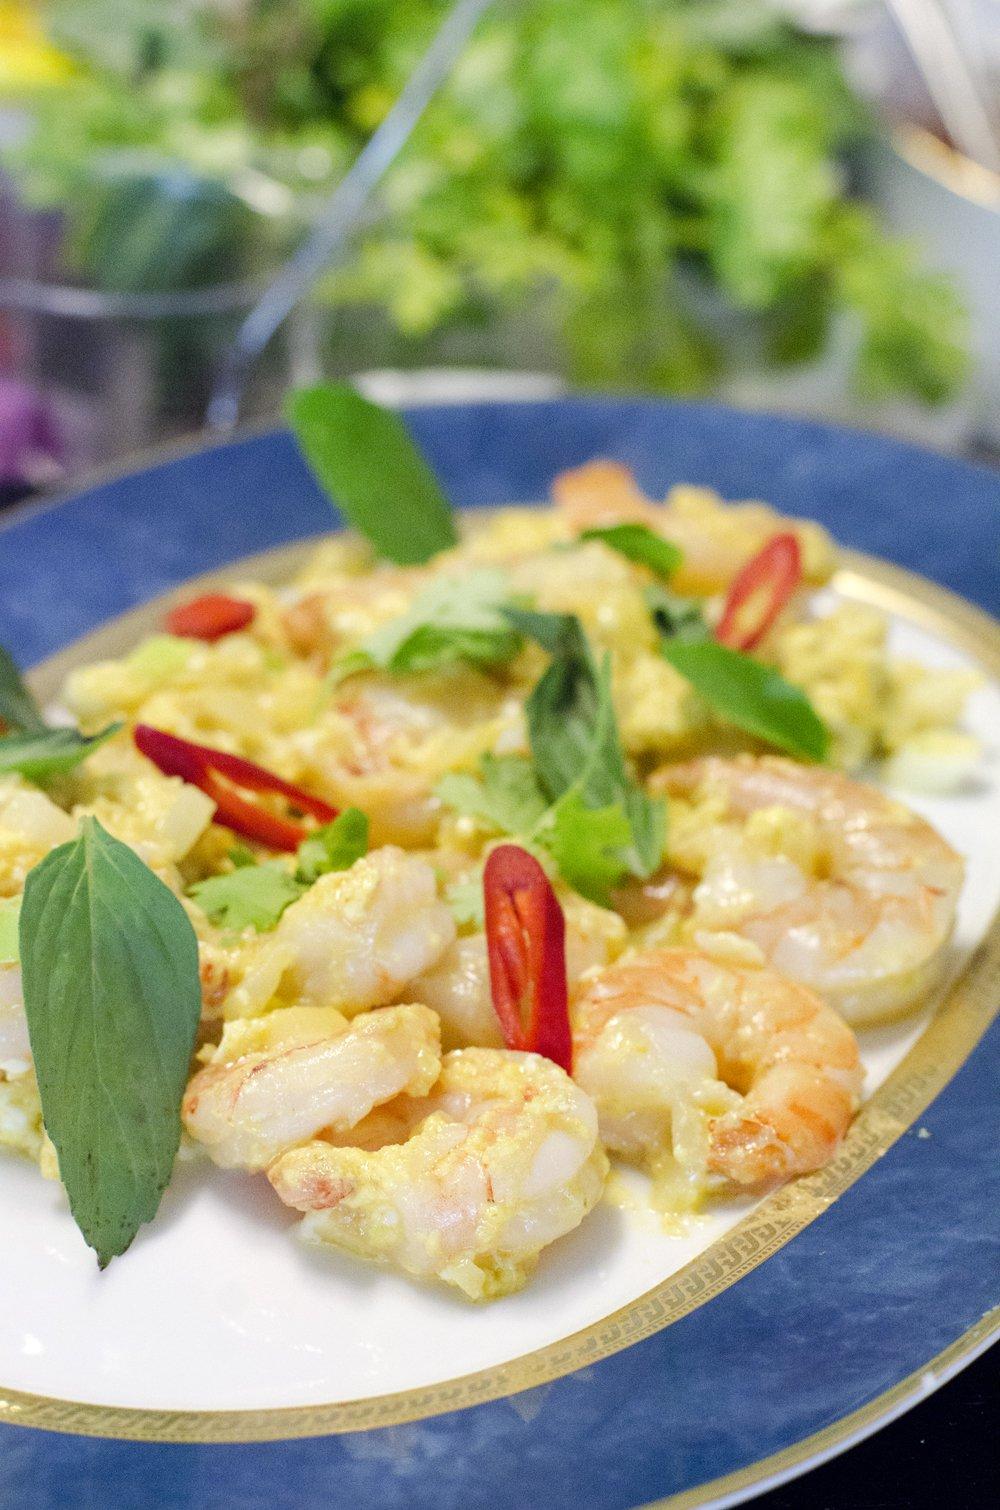 Duftende thailandsk matkurs